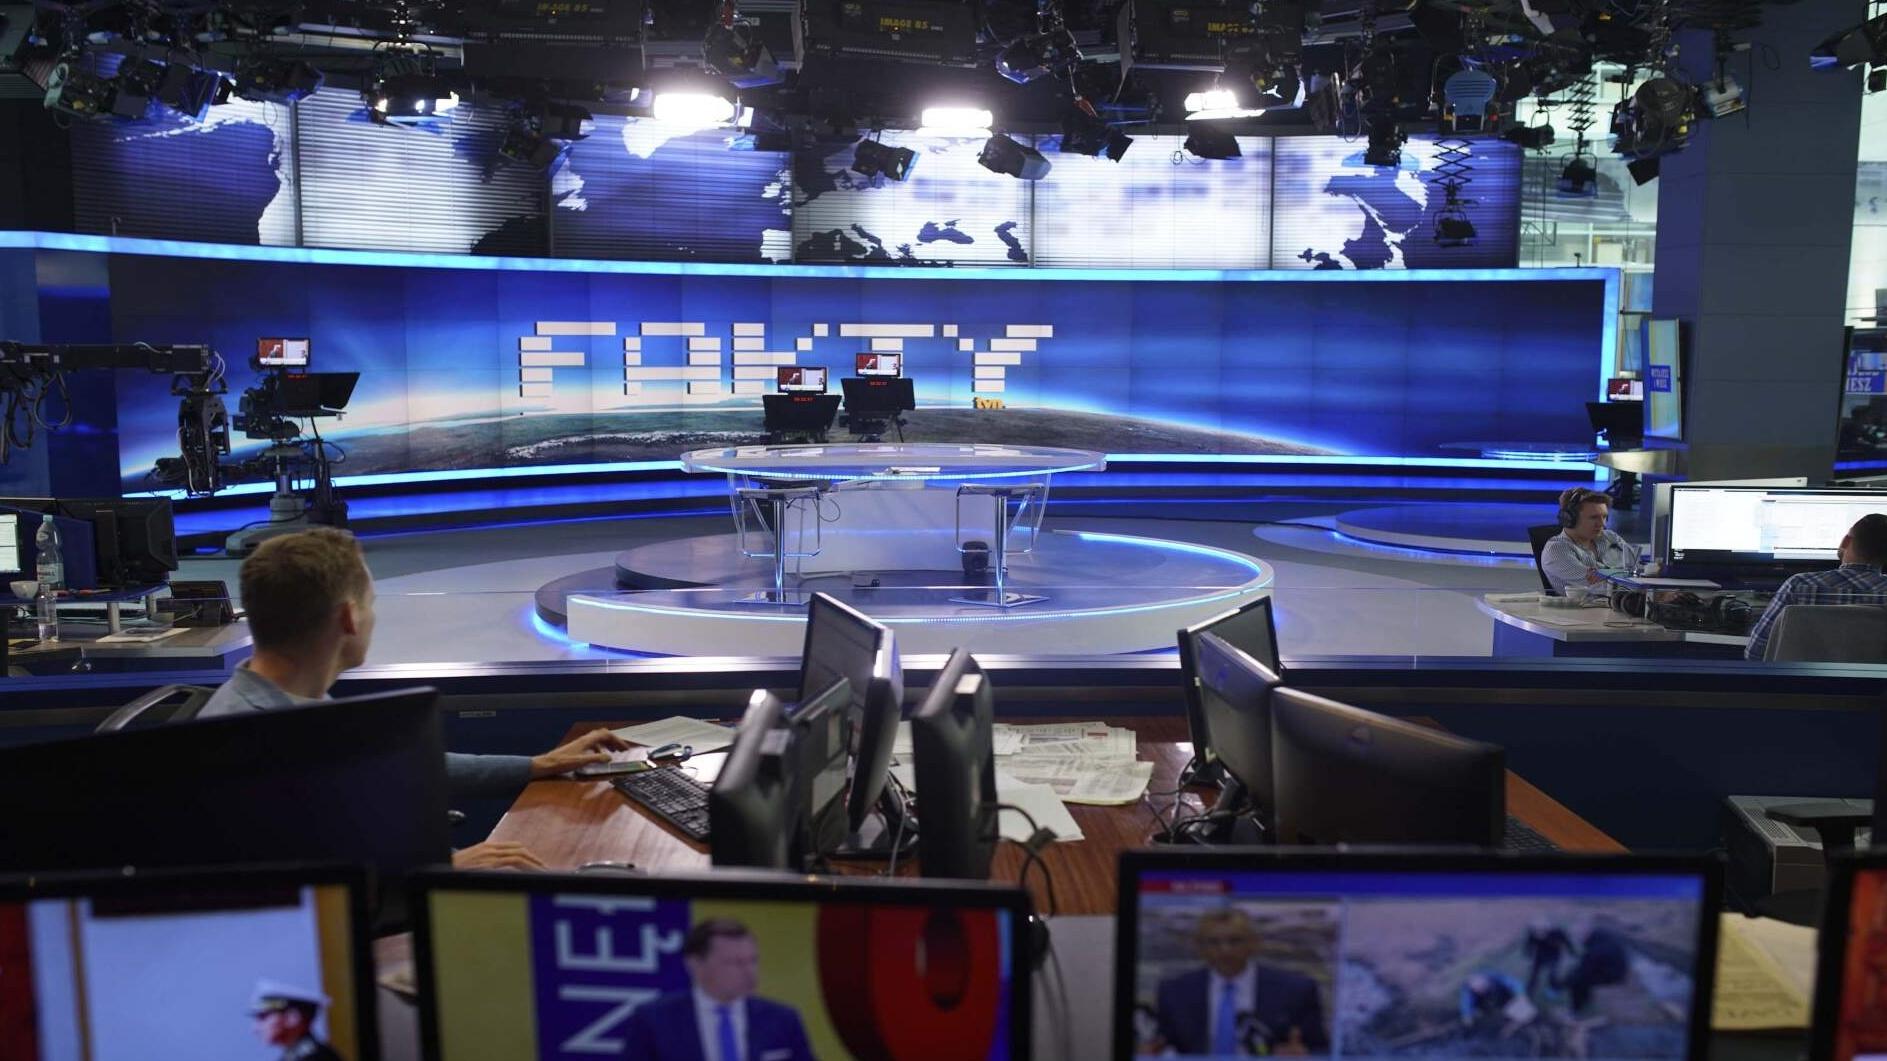 [PILNE] Zwycięstwo opozycji. Sejm odroczył głosowanie ws. Lex TVN